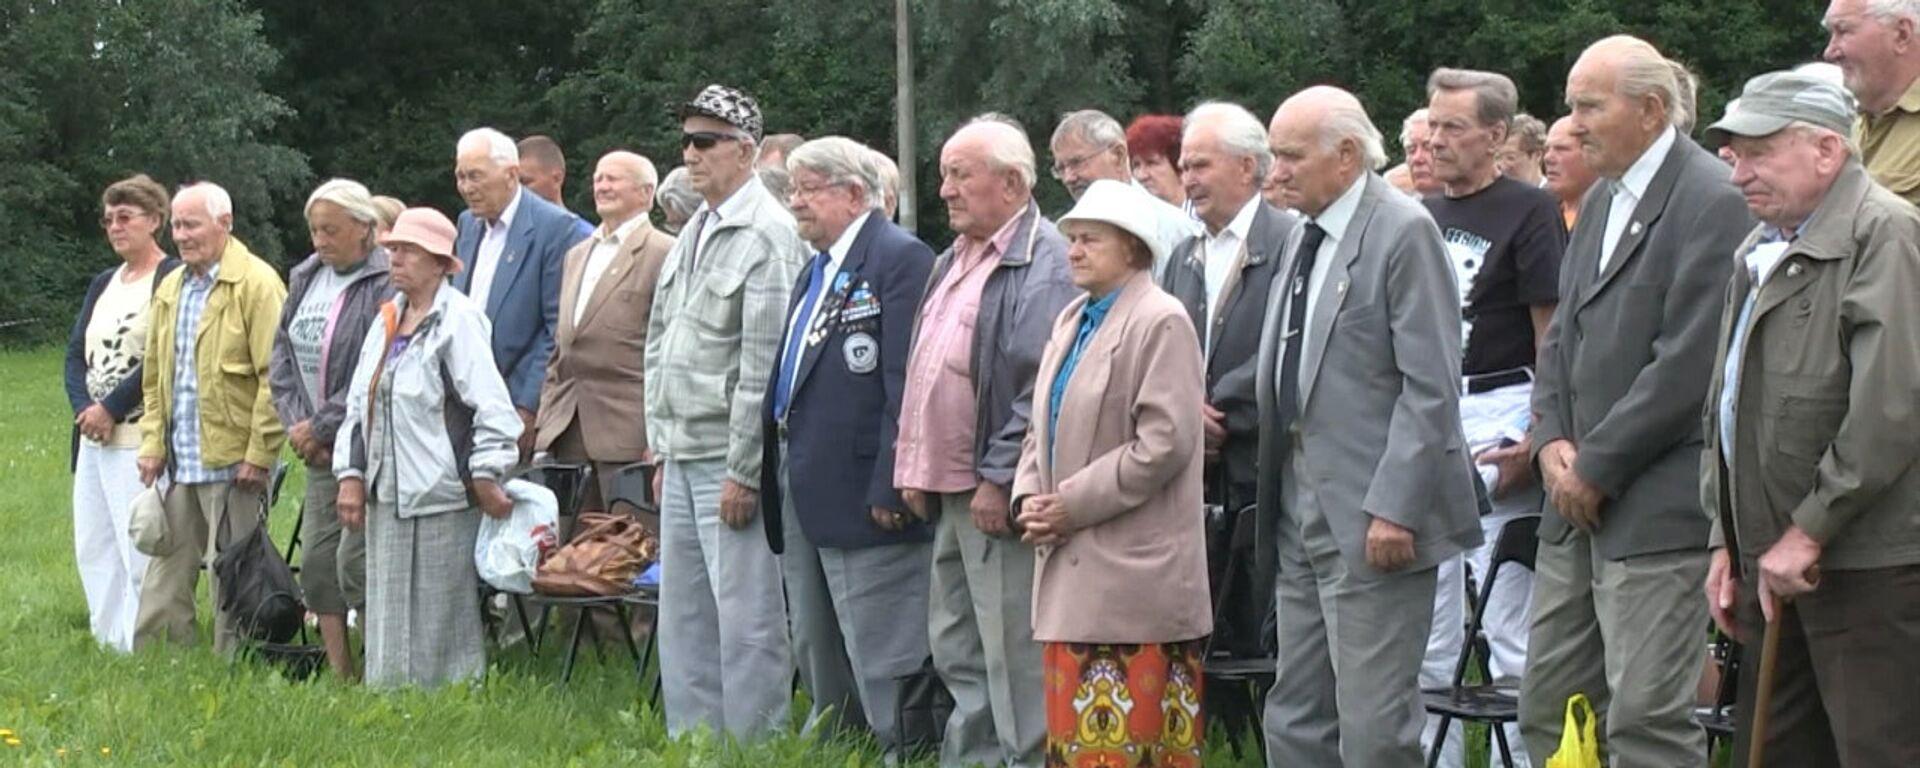 Сбор ветеранов эстонской 20-й дивизии СС в Синимяэ - Sputnik Латвия, 1920, 31.07.2016